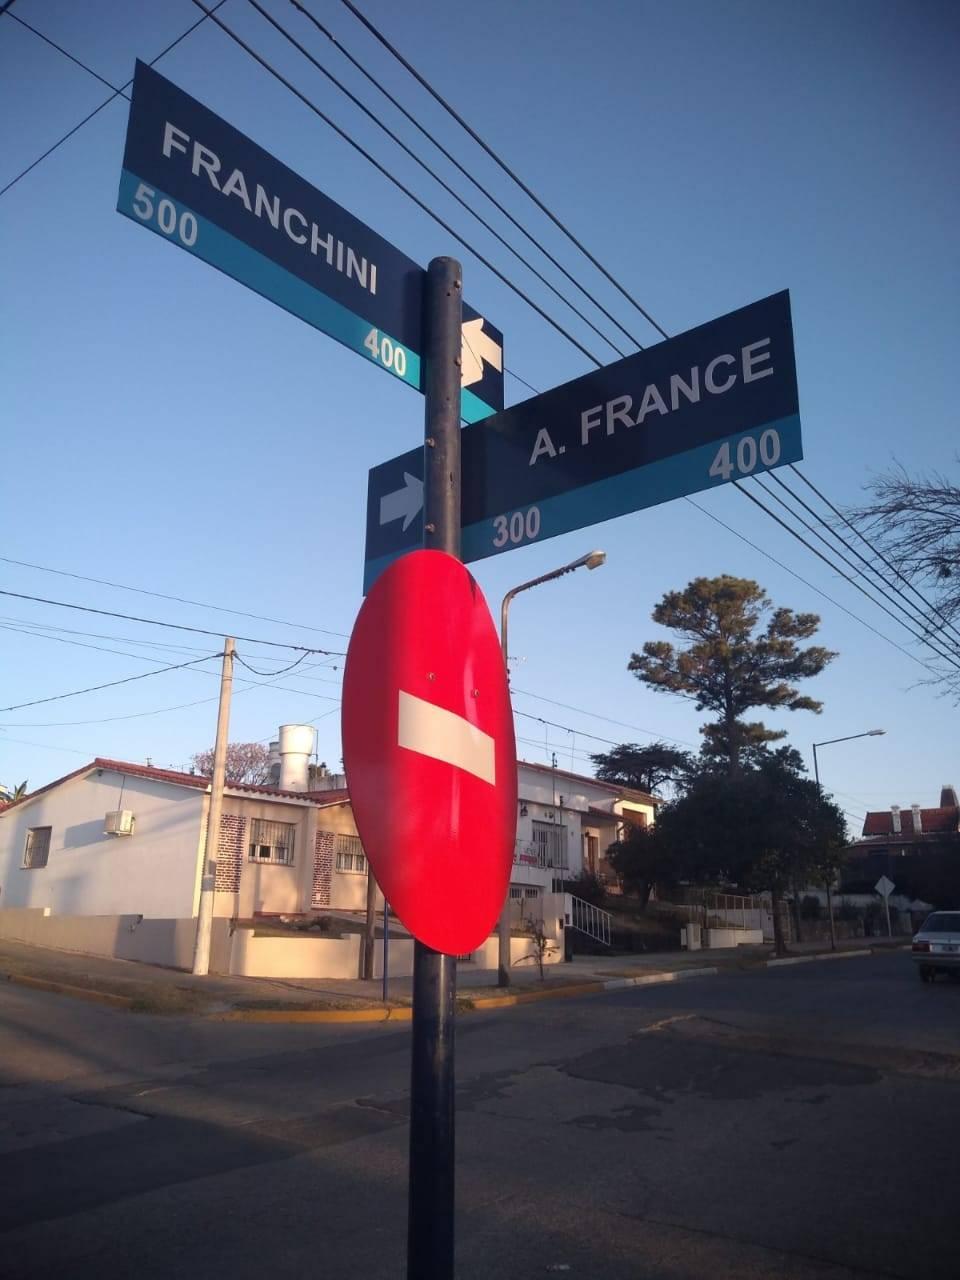 Las calles de Alta Gracia, y su señalética a veces más que ayudar, confunde. Y si no, veamos...